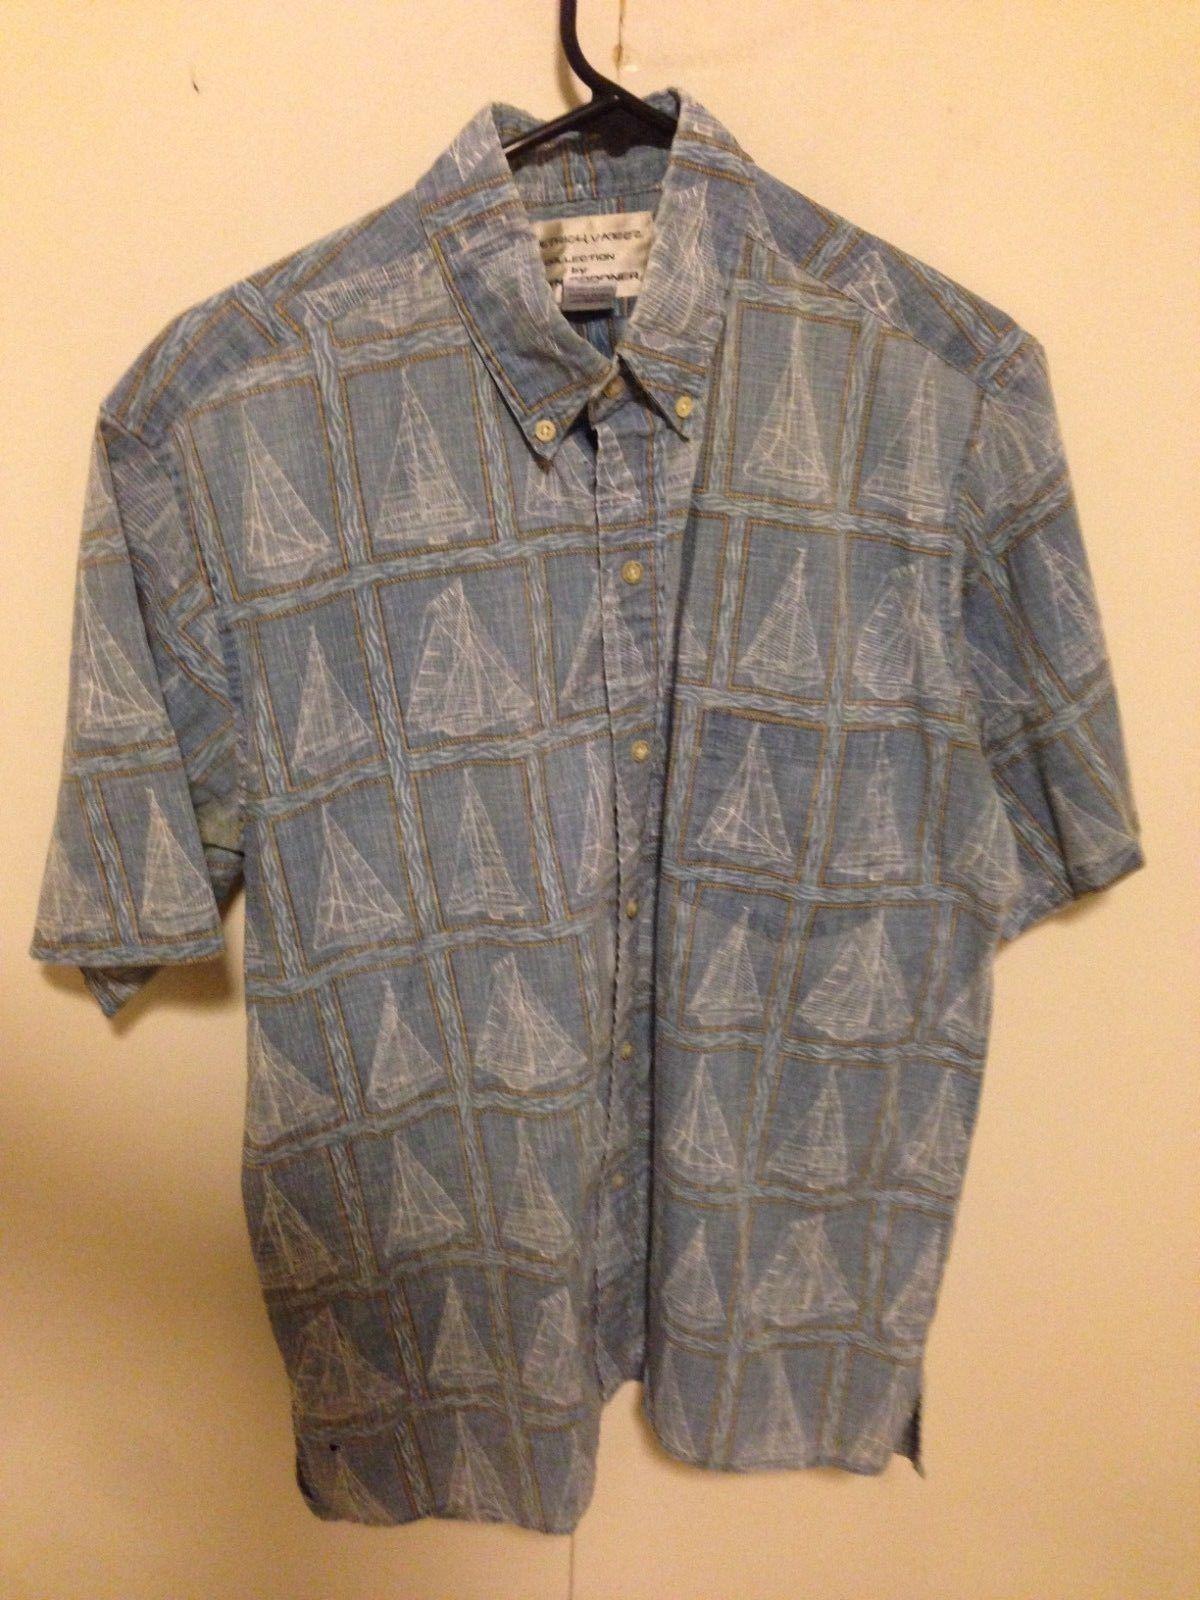 266eea0ec S l1600. S l1600. Previous. Reyn Spooner Mens Shirt M Detrich Varez Reverse  blue sailboats Hawaiian Aloha